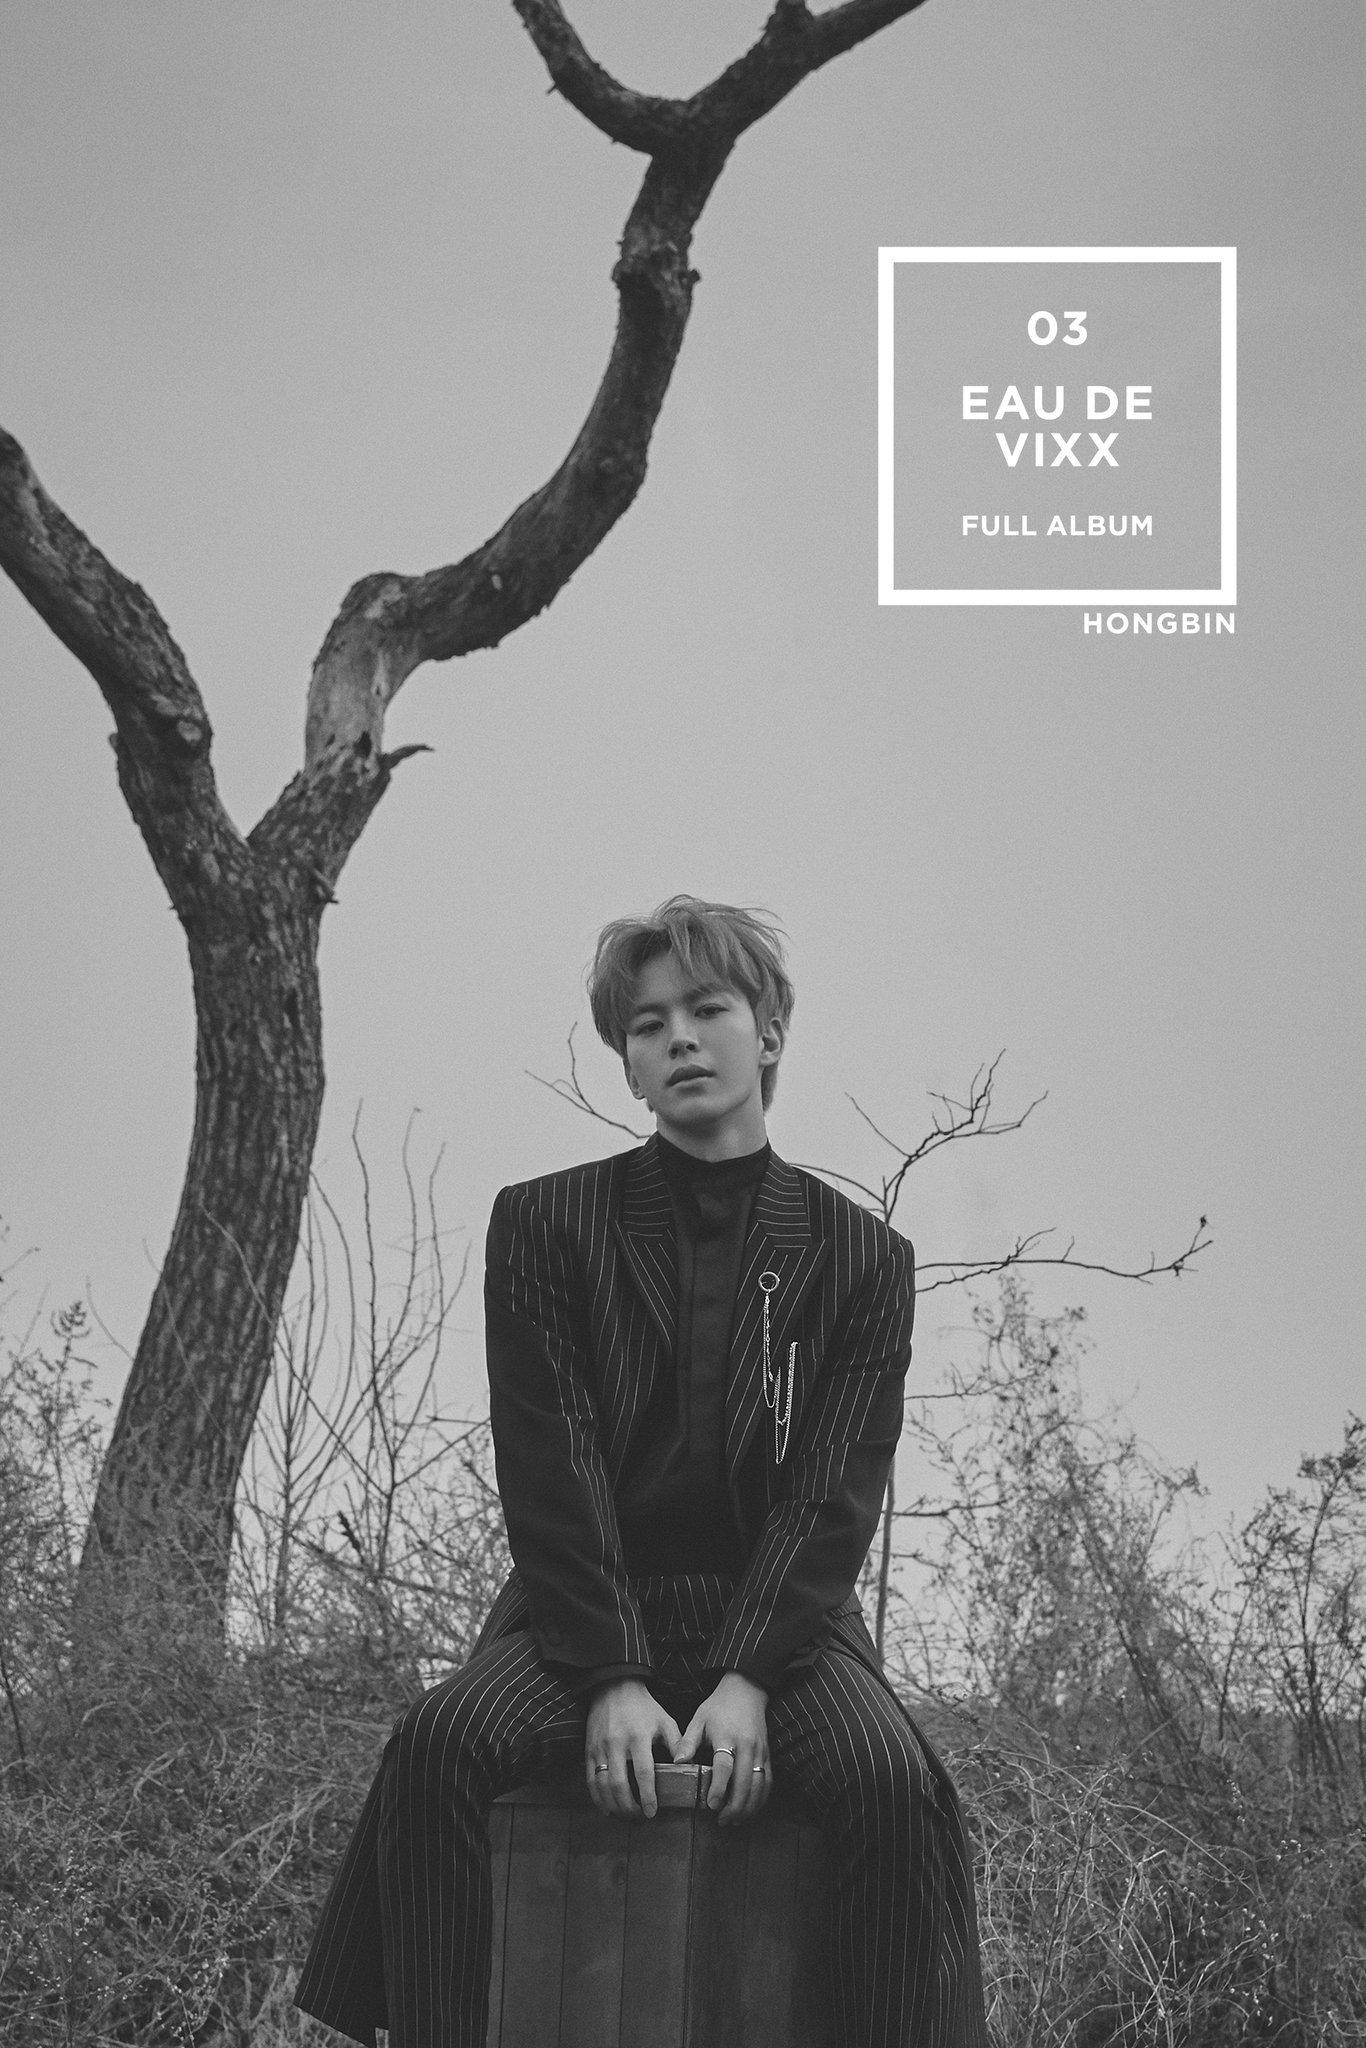 💛17일(화), VIXX 3rd ALBUM EAU DE 발매💙 | 인스티즈